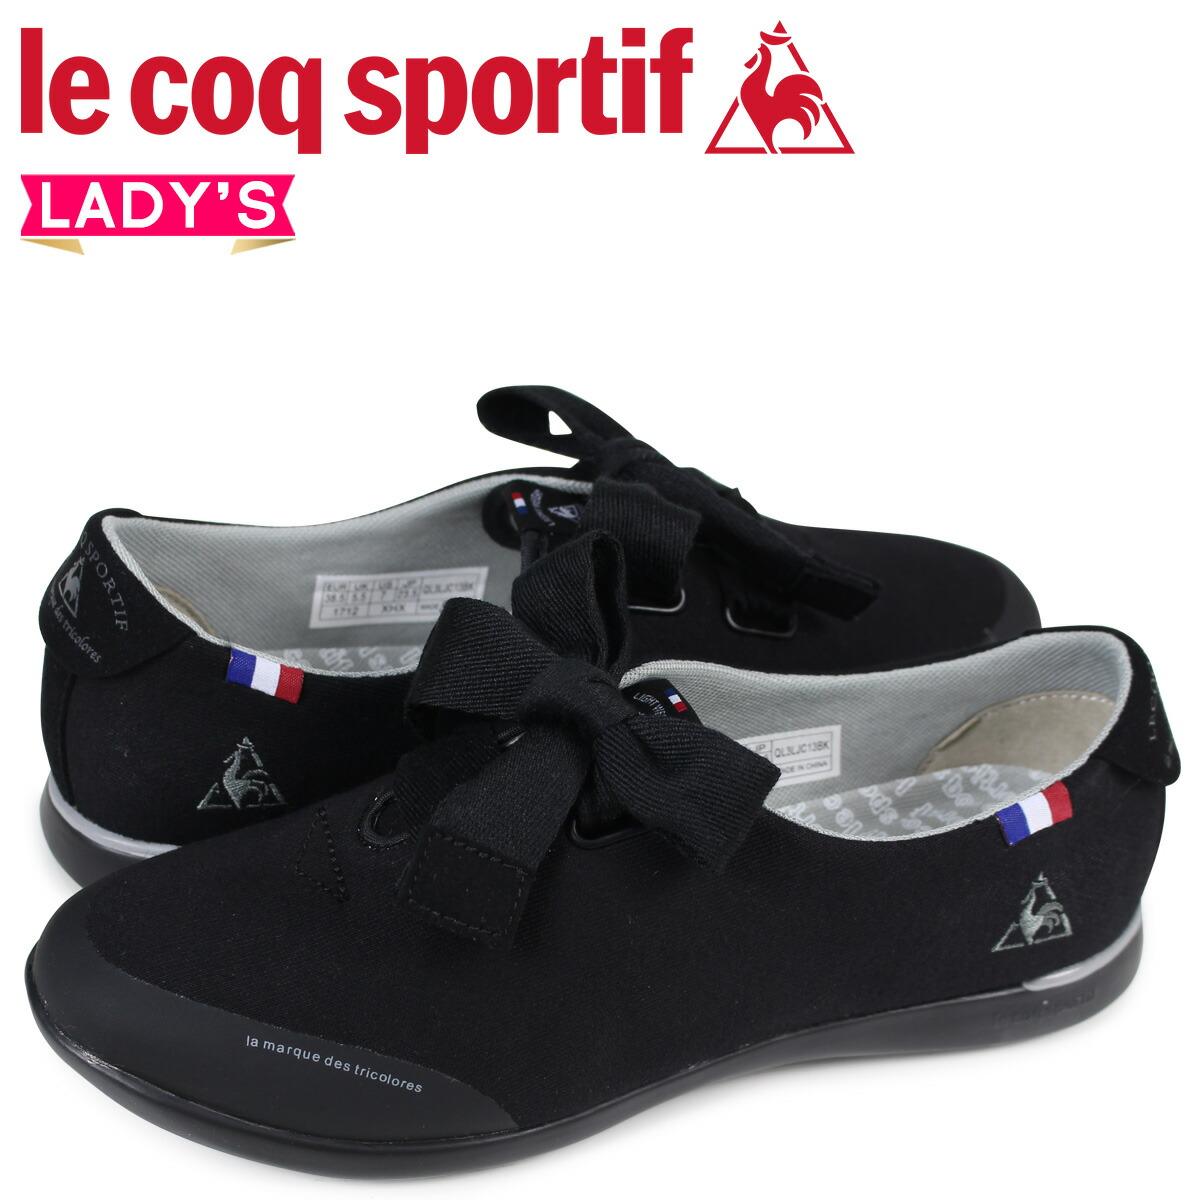 ルコック スポルティフ le coq sportif レディース スニーカー LA エリゼ ELYSEE ブラック QL3LJC13BK [2/10 新入荷]